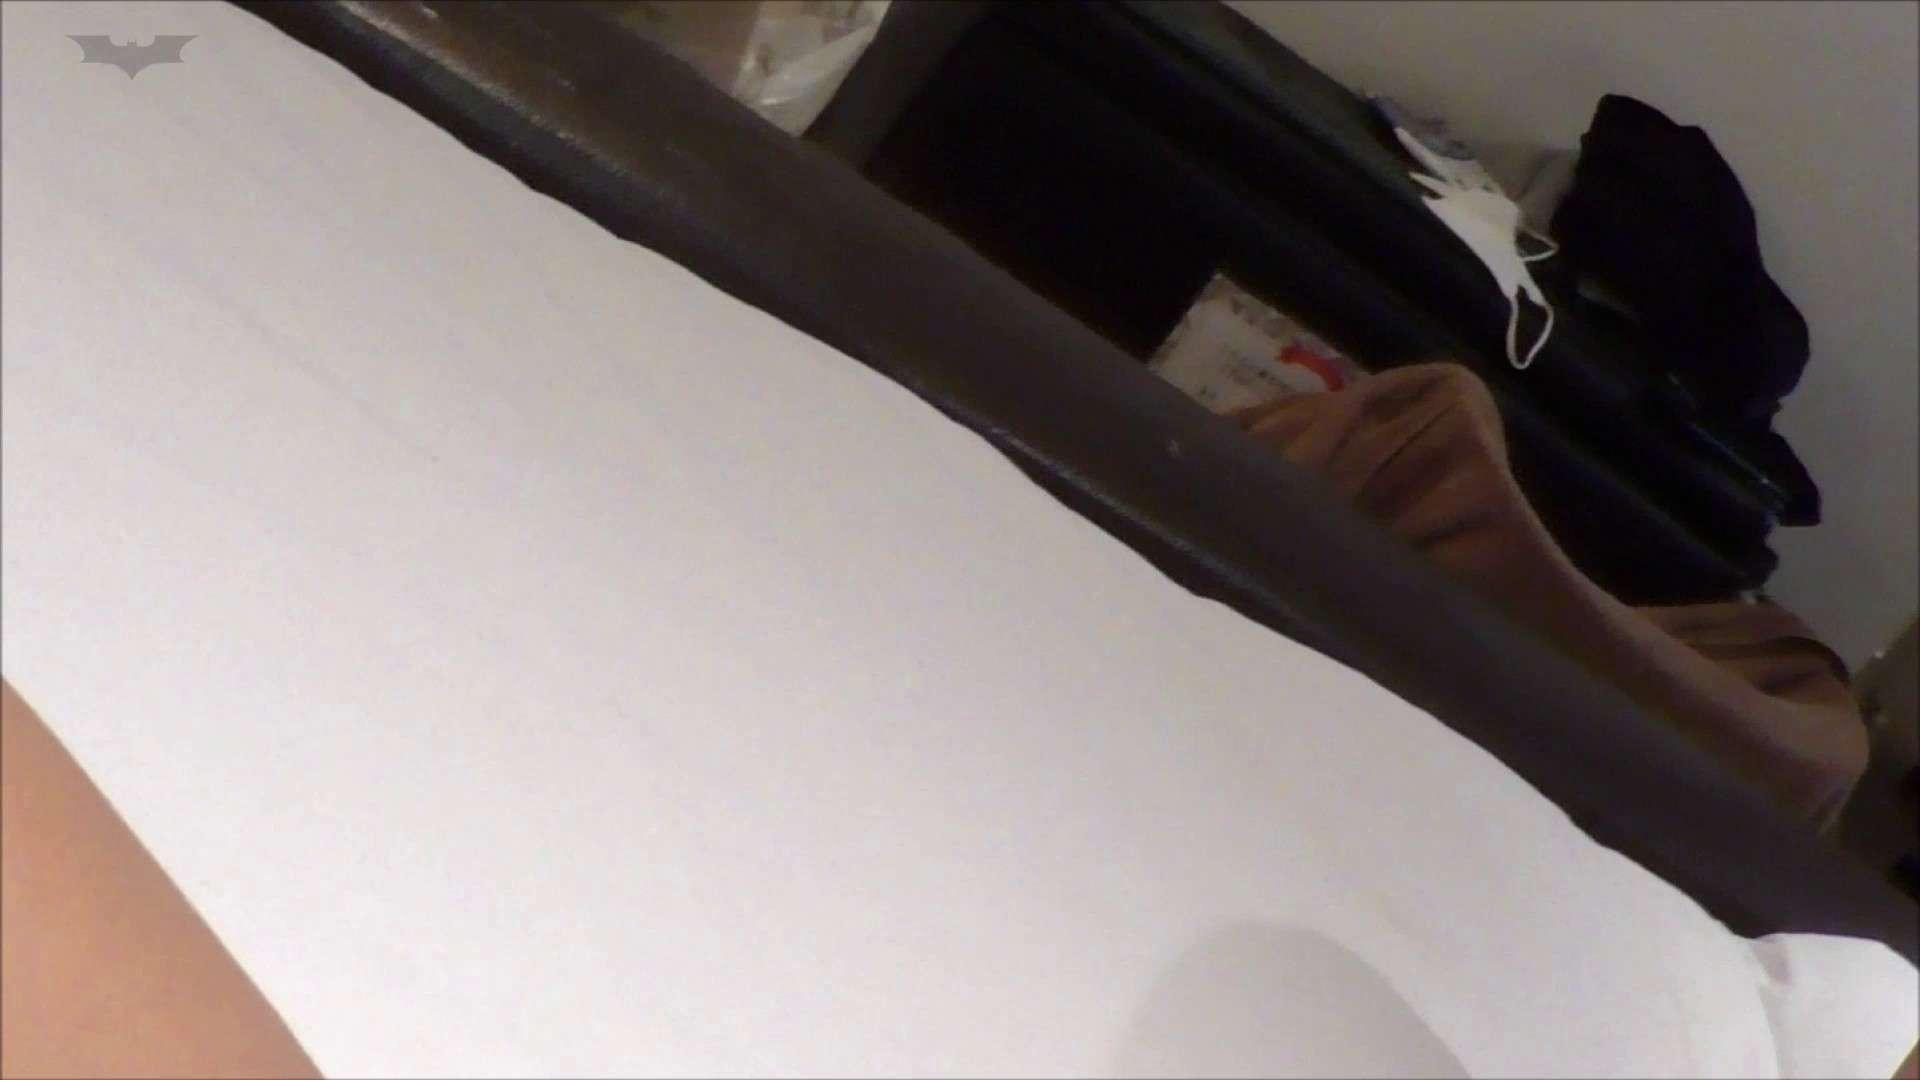 内緒でデリヘル盗撮 Vol.03中編 美肌、美人のデリ嬢にいよいよ挿入! 盗撮  102PIX 71